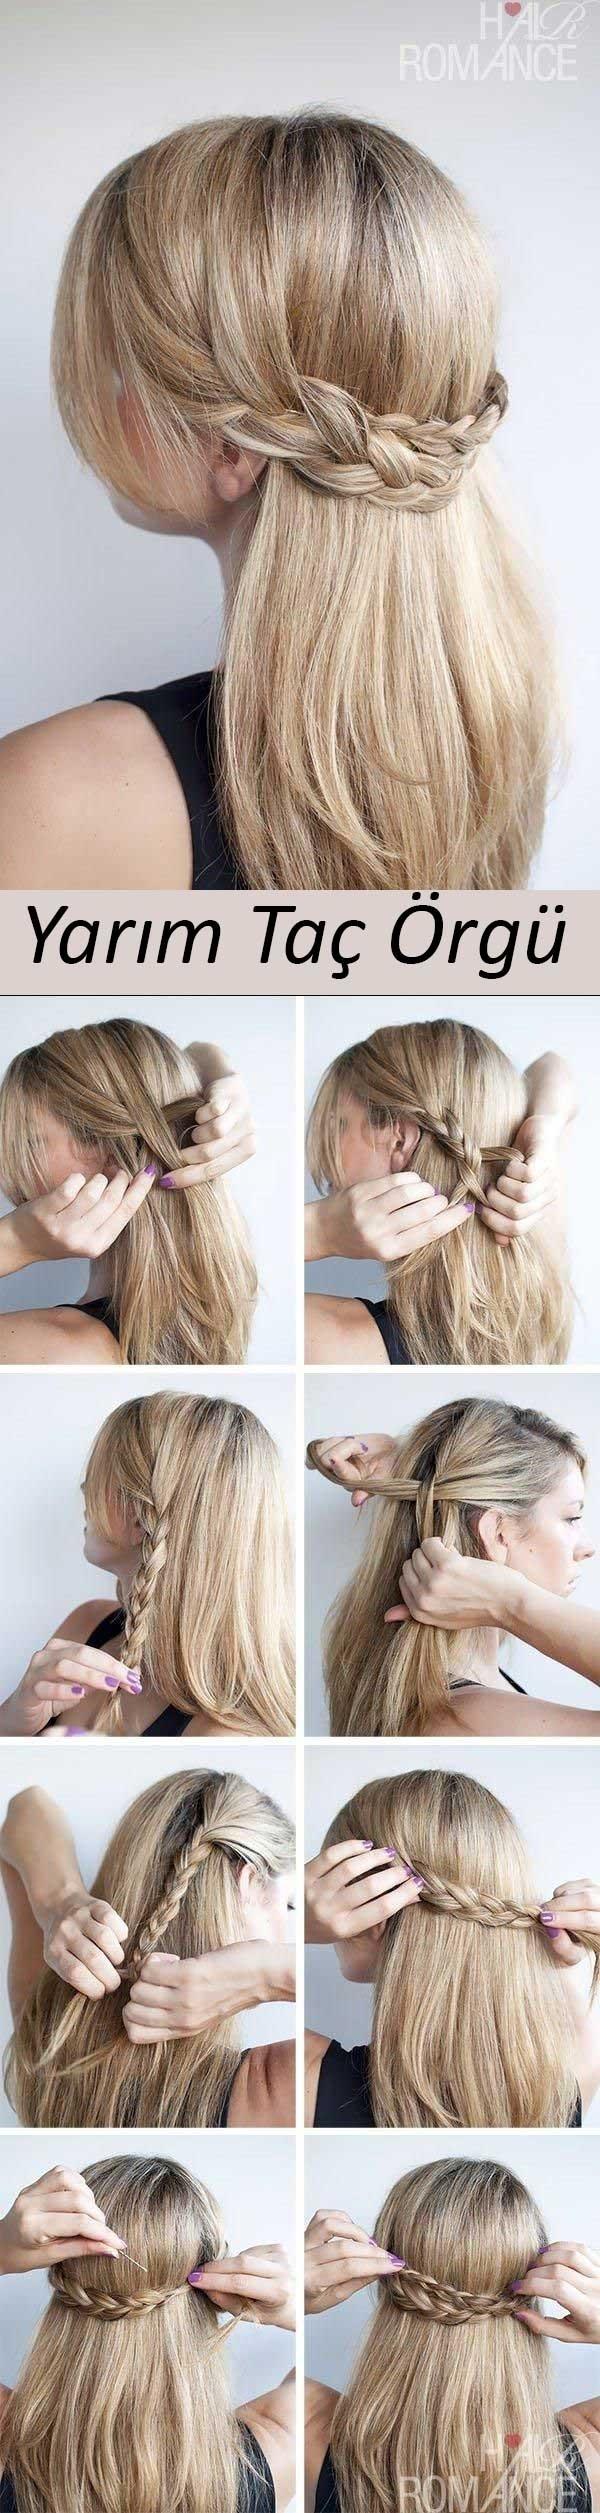 Şipşak Evden Çıkmalık Pratik Saç Modelleri galerisi resim 10